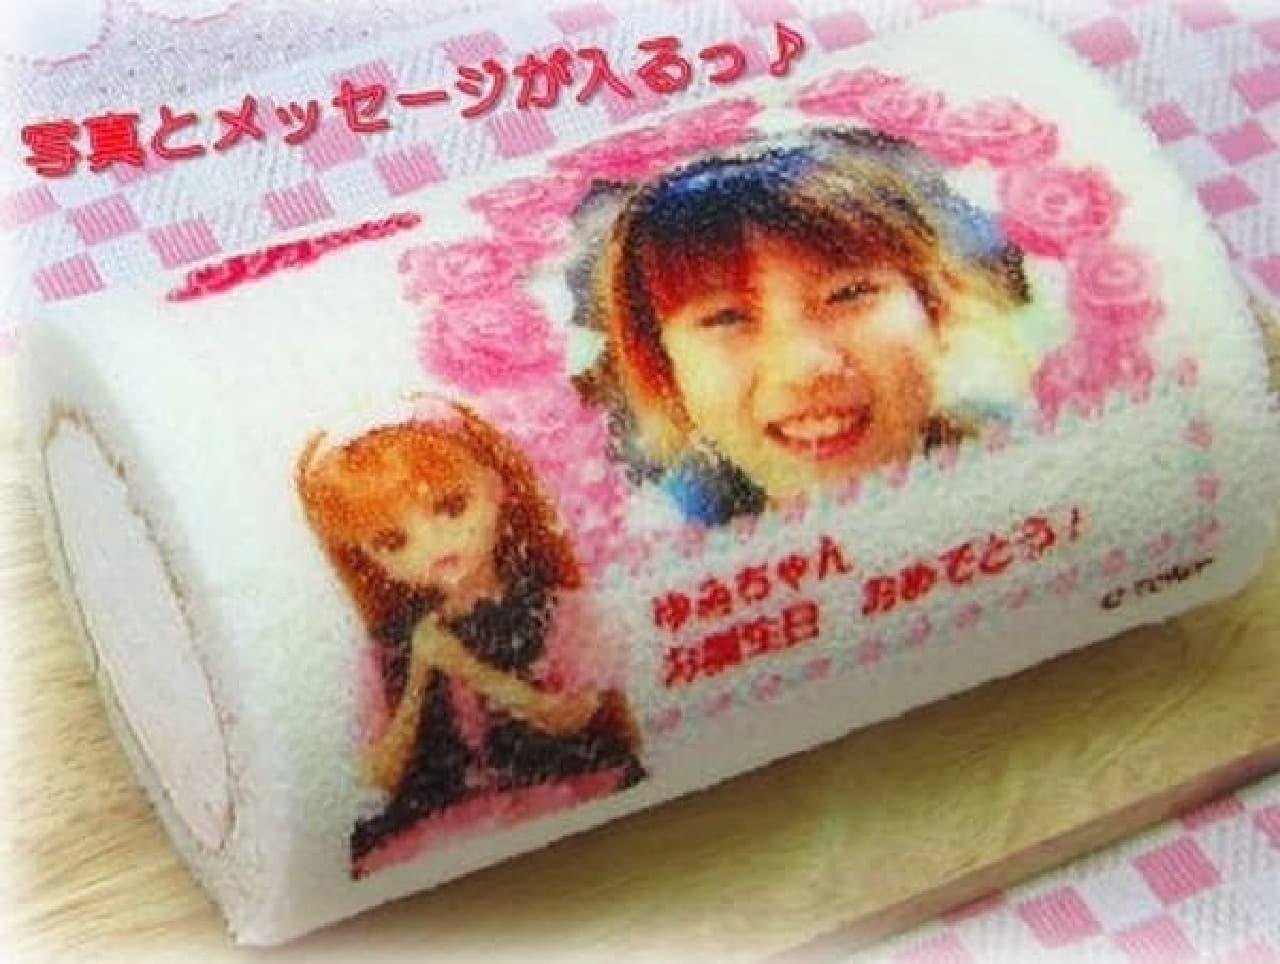 大切な記念日は、リカちゃんと一緒のオリジナルケーキで